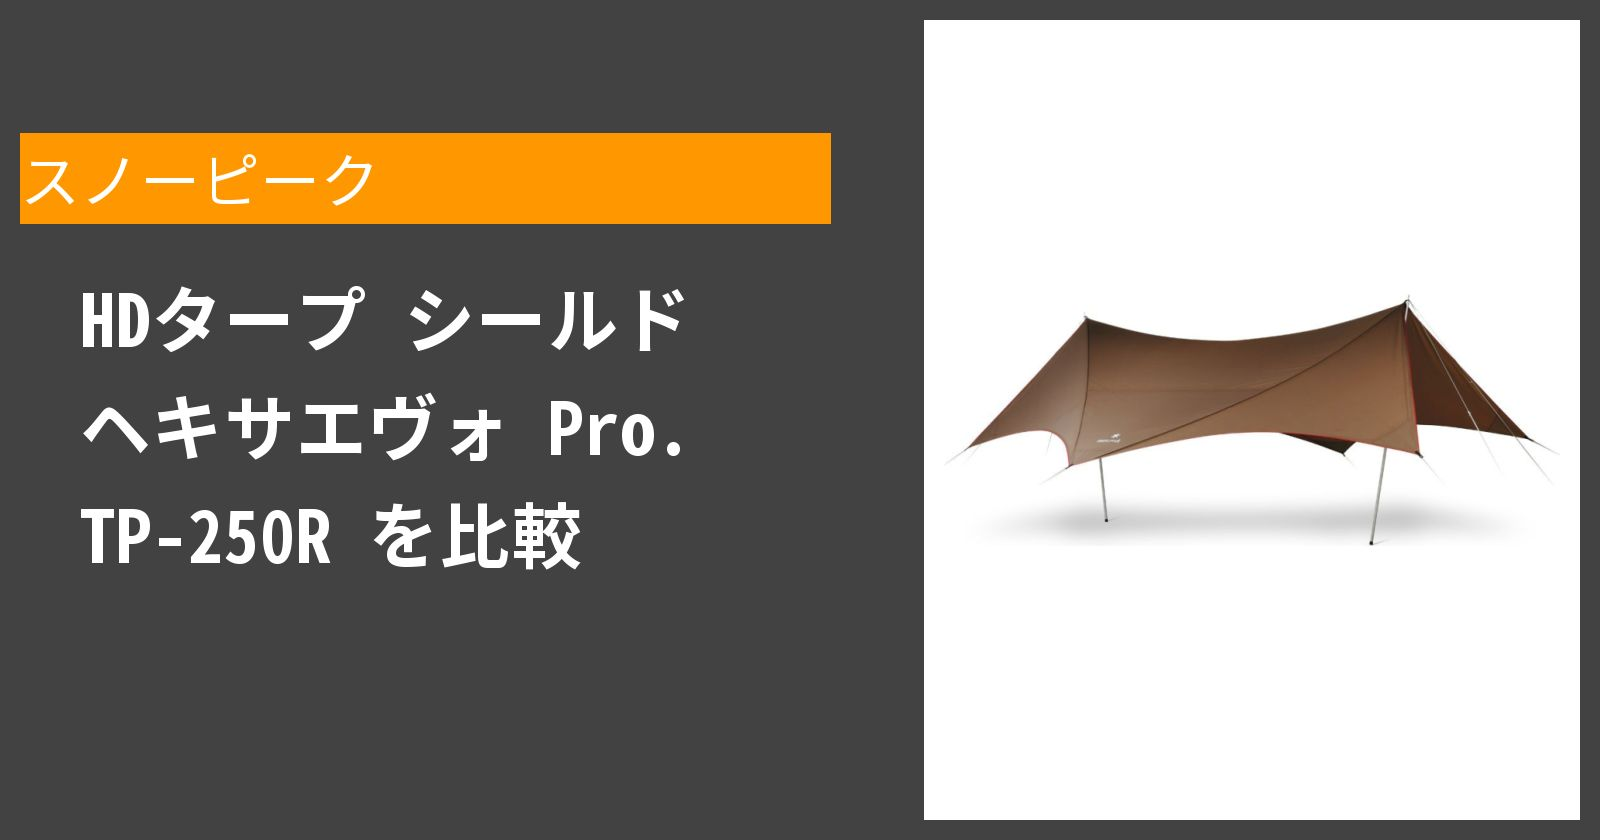 HDタープ シールド ヘキサエヴォ Pro. TP-250Rを徹底評価